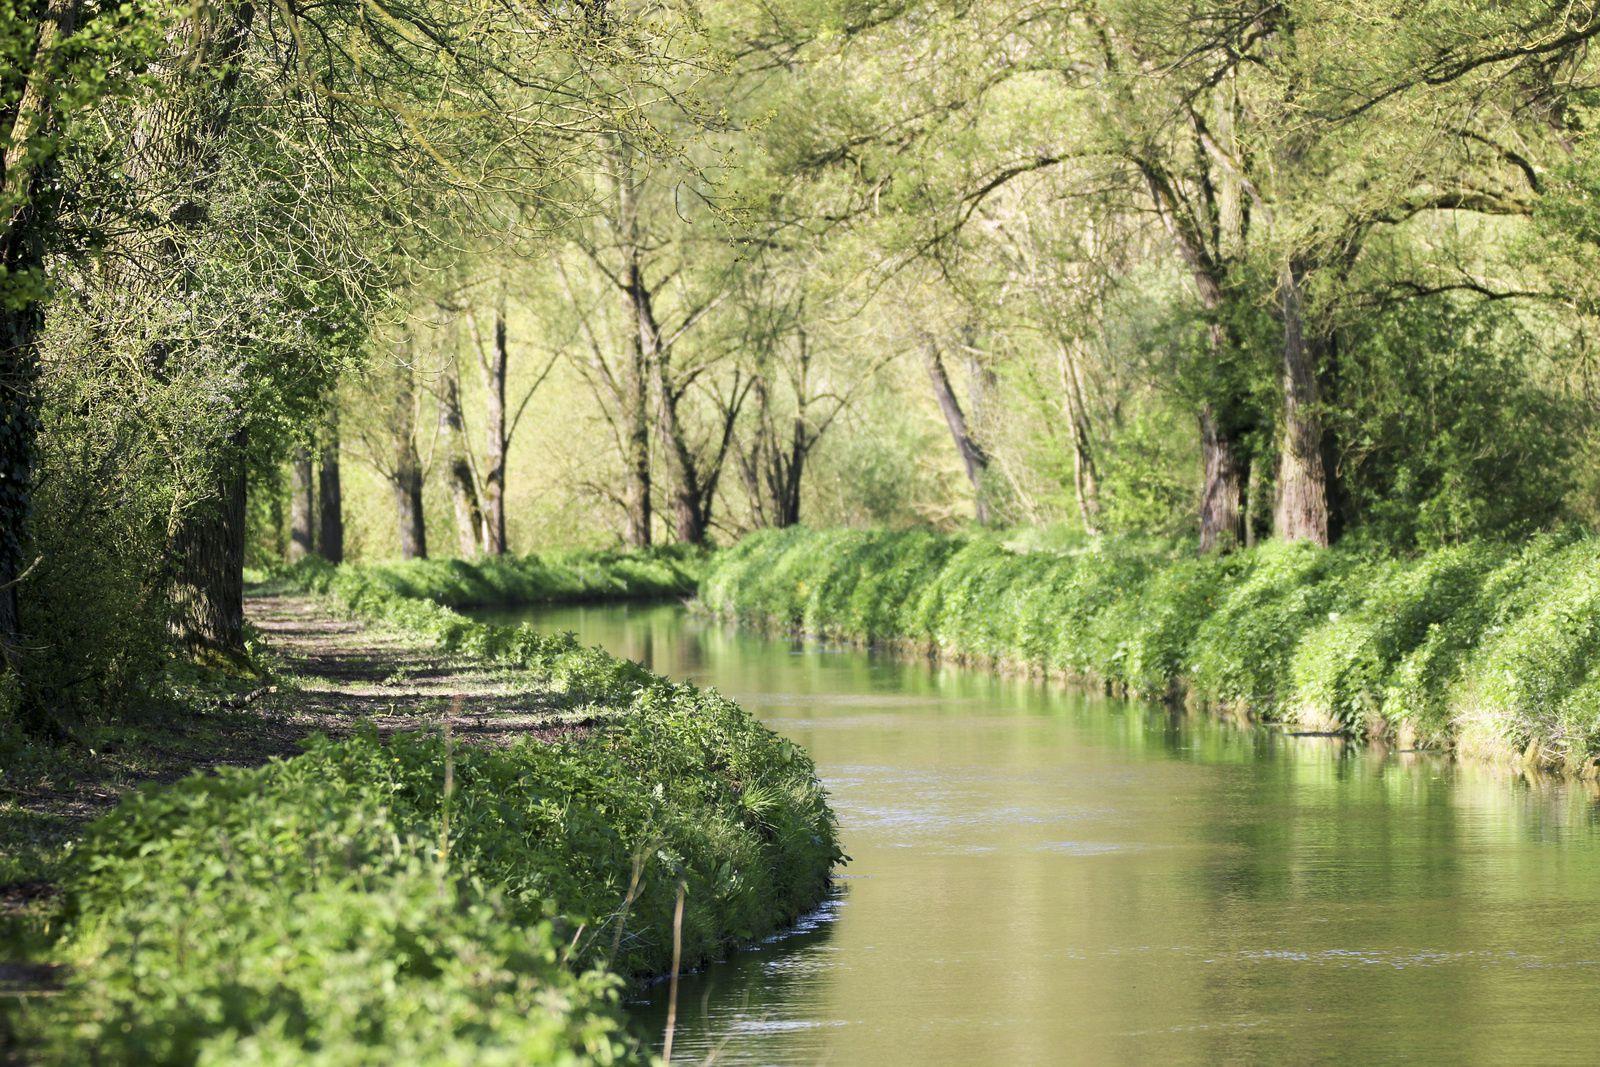 Rando du 1er Mai, 14 km en direction de l'église de Croix-Fonsomme. .